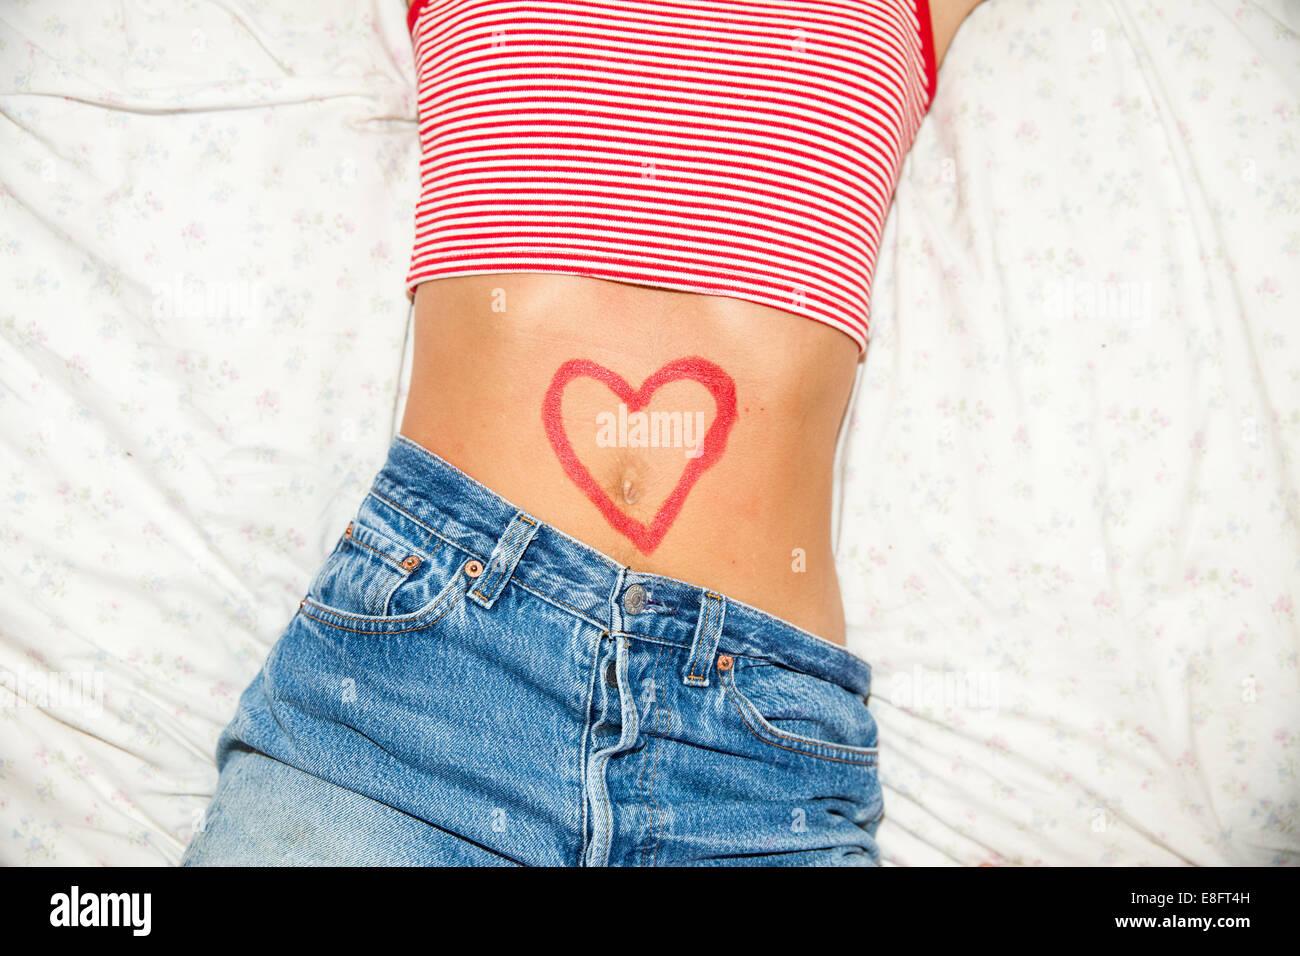 Corazón en forma de dibujo en el estómago de una mujer Foto de stock